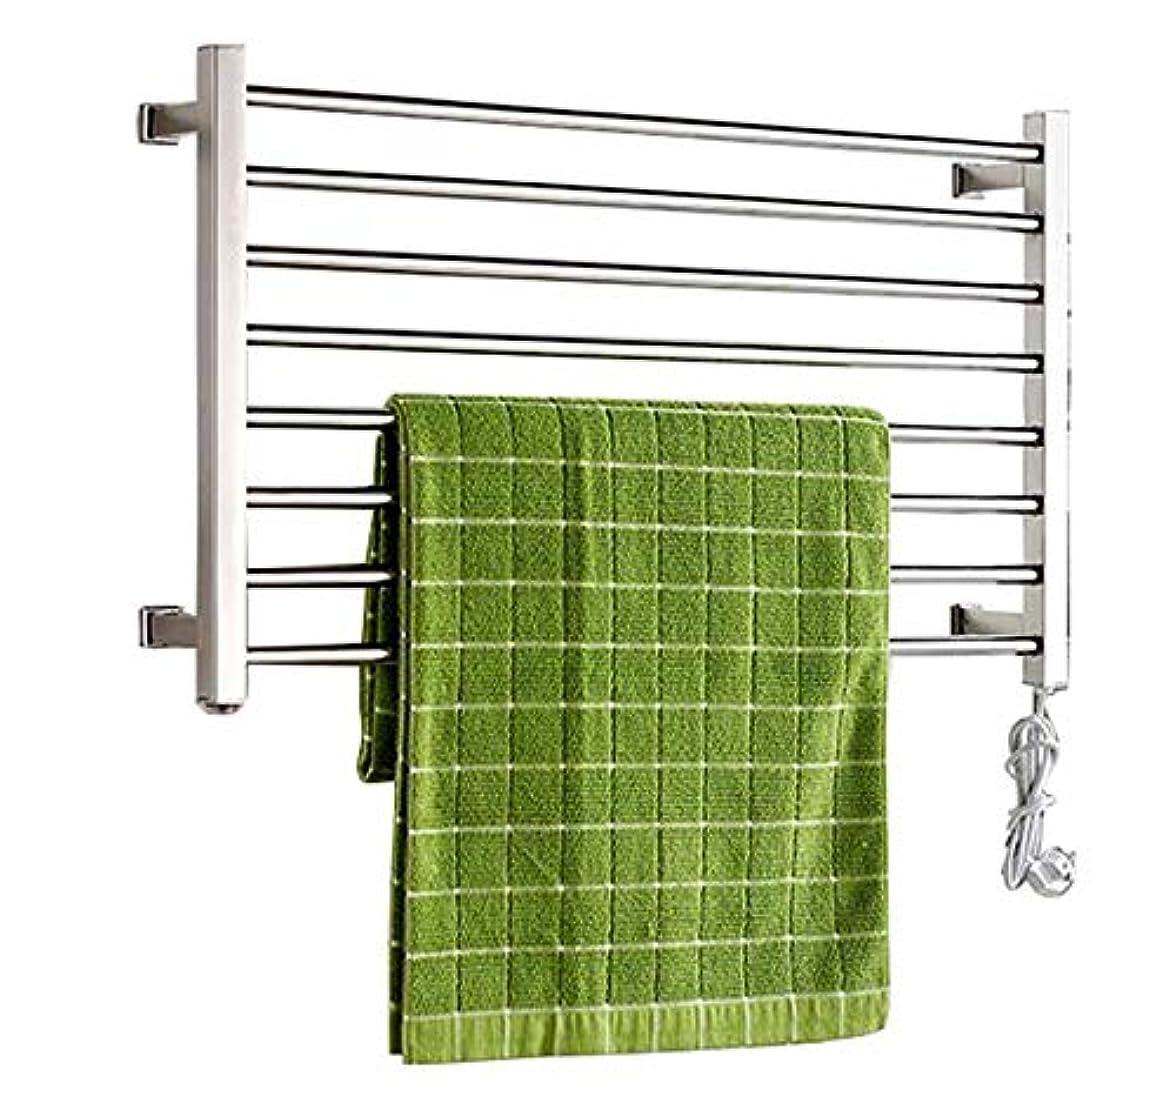 承認ラインナップすり電気タオルウォーマー、304ステンレス鋼電気タオルラジエーター、浴室壁掛け式乾燥ラック、恒温乾燥、防水および防錆、530x900x125mm